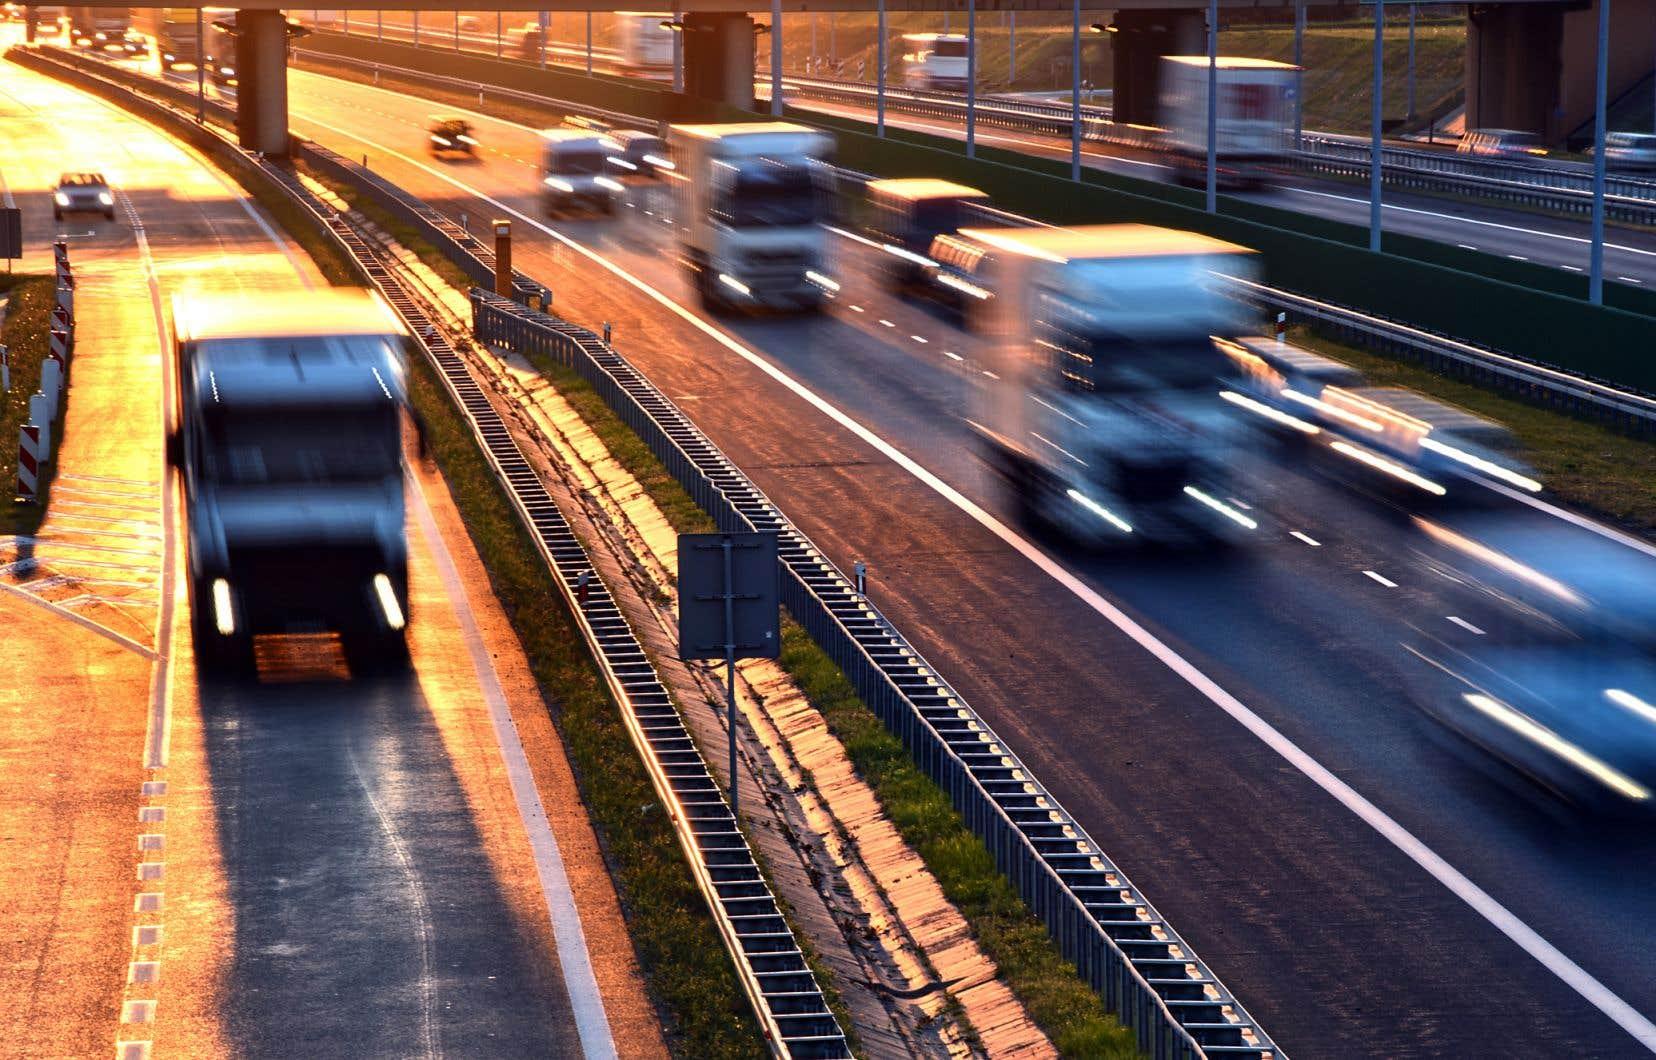 Le PQ a proposé de lancer un projet-pilote qui permettrait de tester, sur un tronçon routier donné, une vitesse maximale de 120km/h, qui serait modulée en fonction des conditions météorologiques.